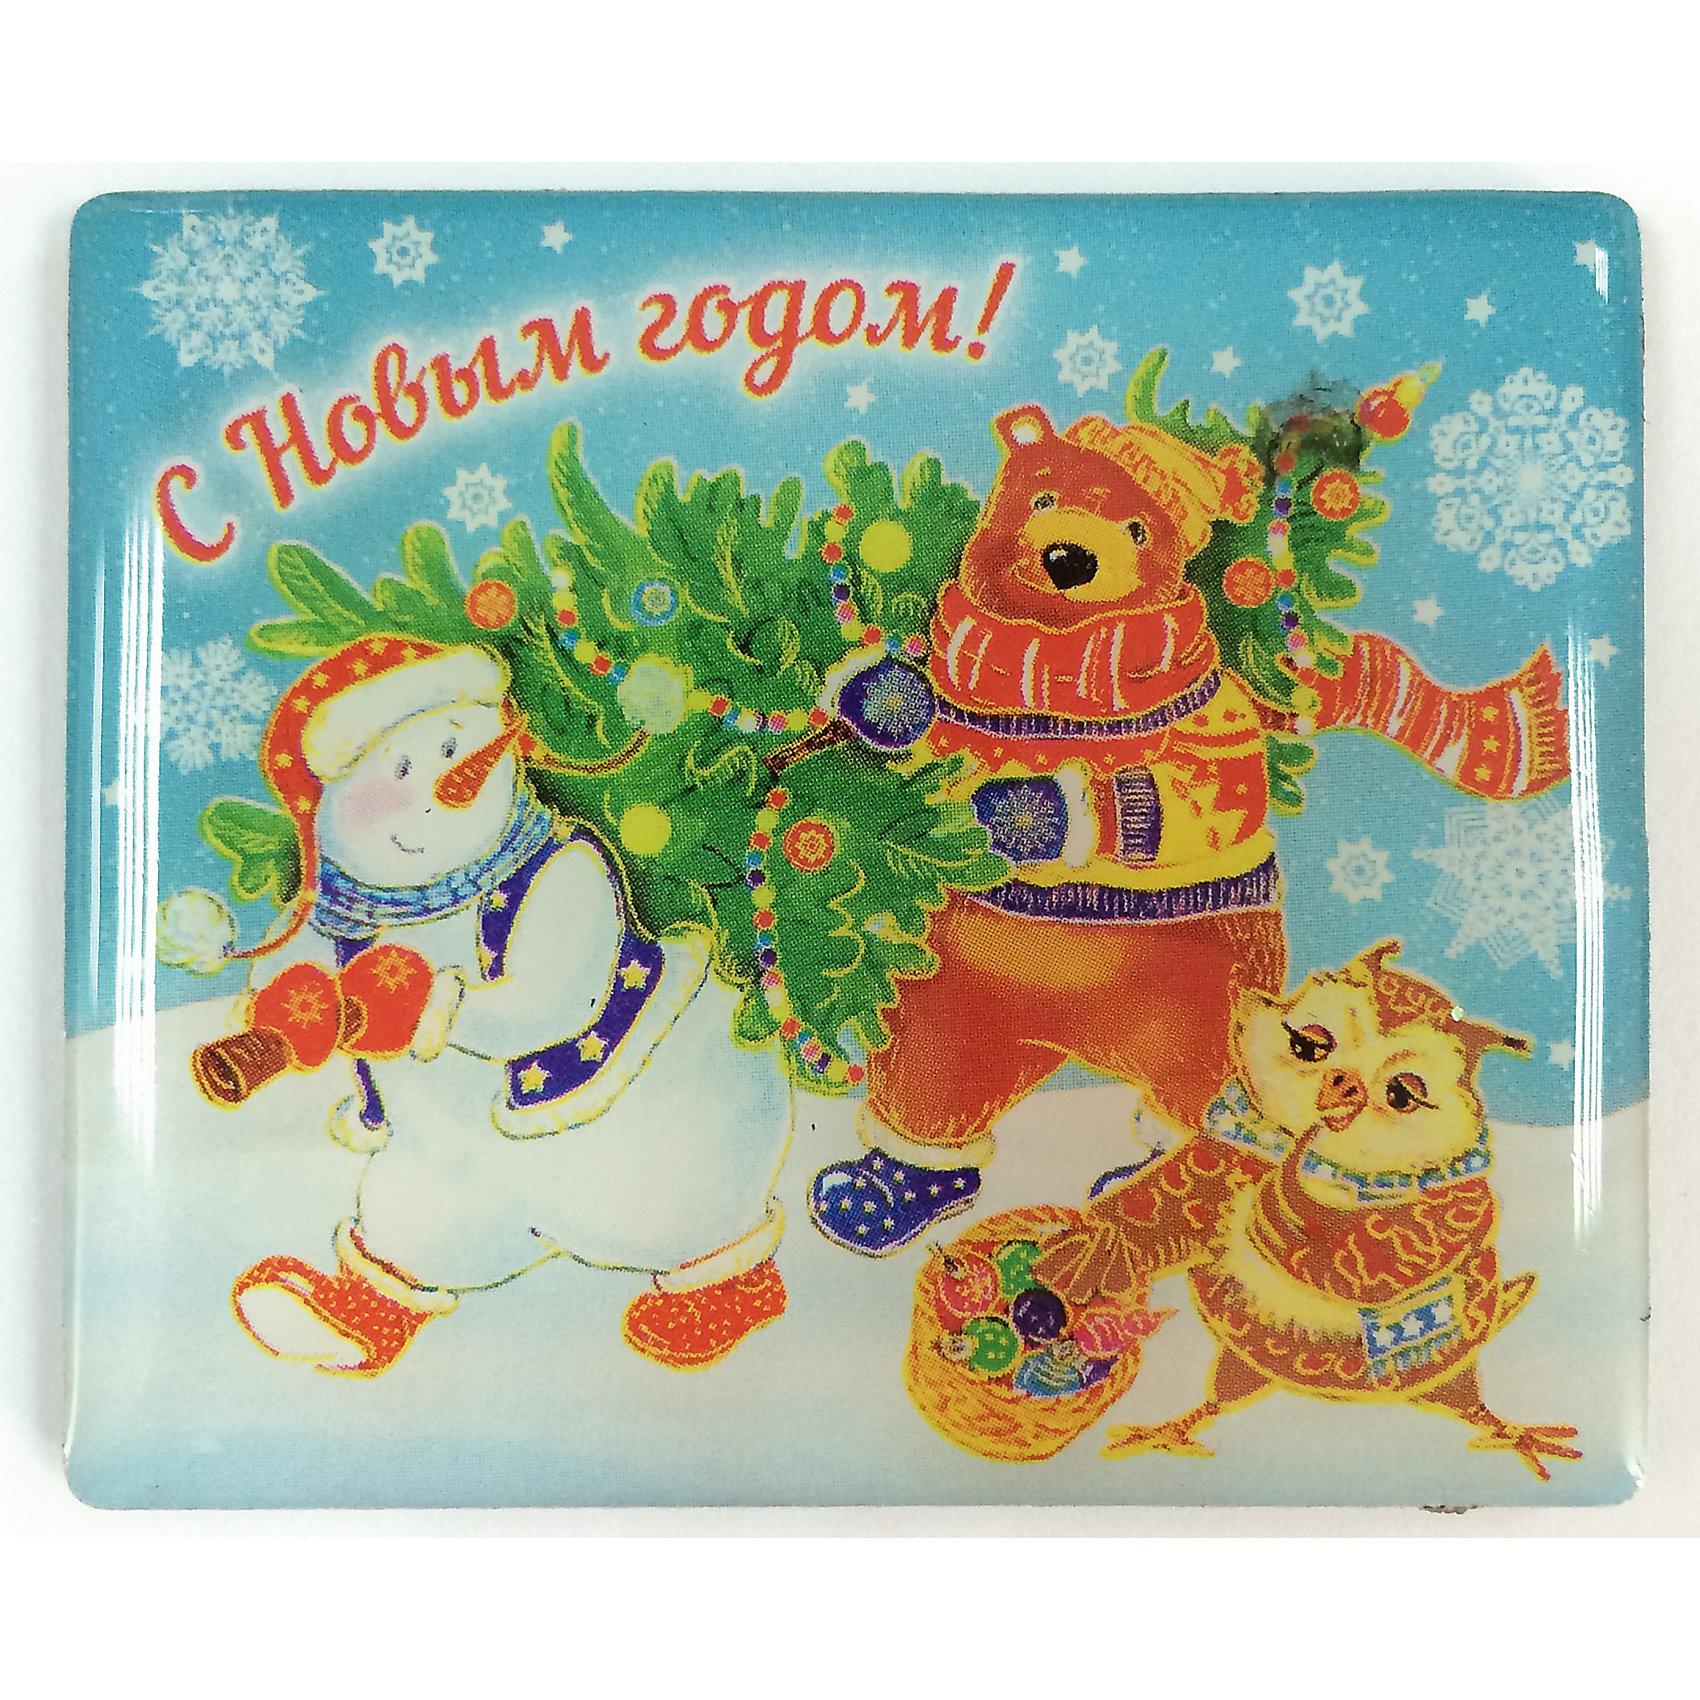 Магнит Снеговик и звериМагнит Снеговик и звери, Феникс-Презент, добавит праздничности в Ваш новогодний интерьер и поднимет настроение. Магнит прямоугольной формы украшен красочными изображениями веселого снеговика с новогодней елкой и очаровательными лесными зверюшками. <br><br>Дополнительная информация:<br><br>- Материал магнита: агломерированный феррит.<br>- Размер магнита: 6 х 5 см.<br><br>Магнит Снеговик и звери, Феникс-Презент, можно купить в нашем интернет-магазине.<br><br>Ширина мм: 70<br>Глубина мм: 70<br>Высота мм: 10<br>Вес г: 100<br>Возраст от месяцев: 36<br>Возраст до месяцев: 2147483647<br>Пол: Унисекс<br>Возраст: Детский<br>SKU: 4276548